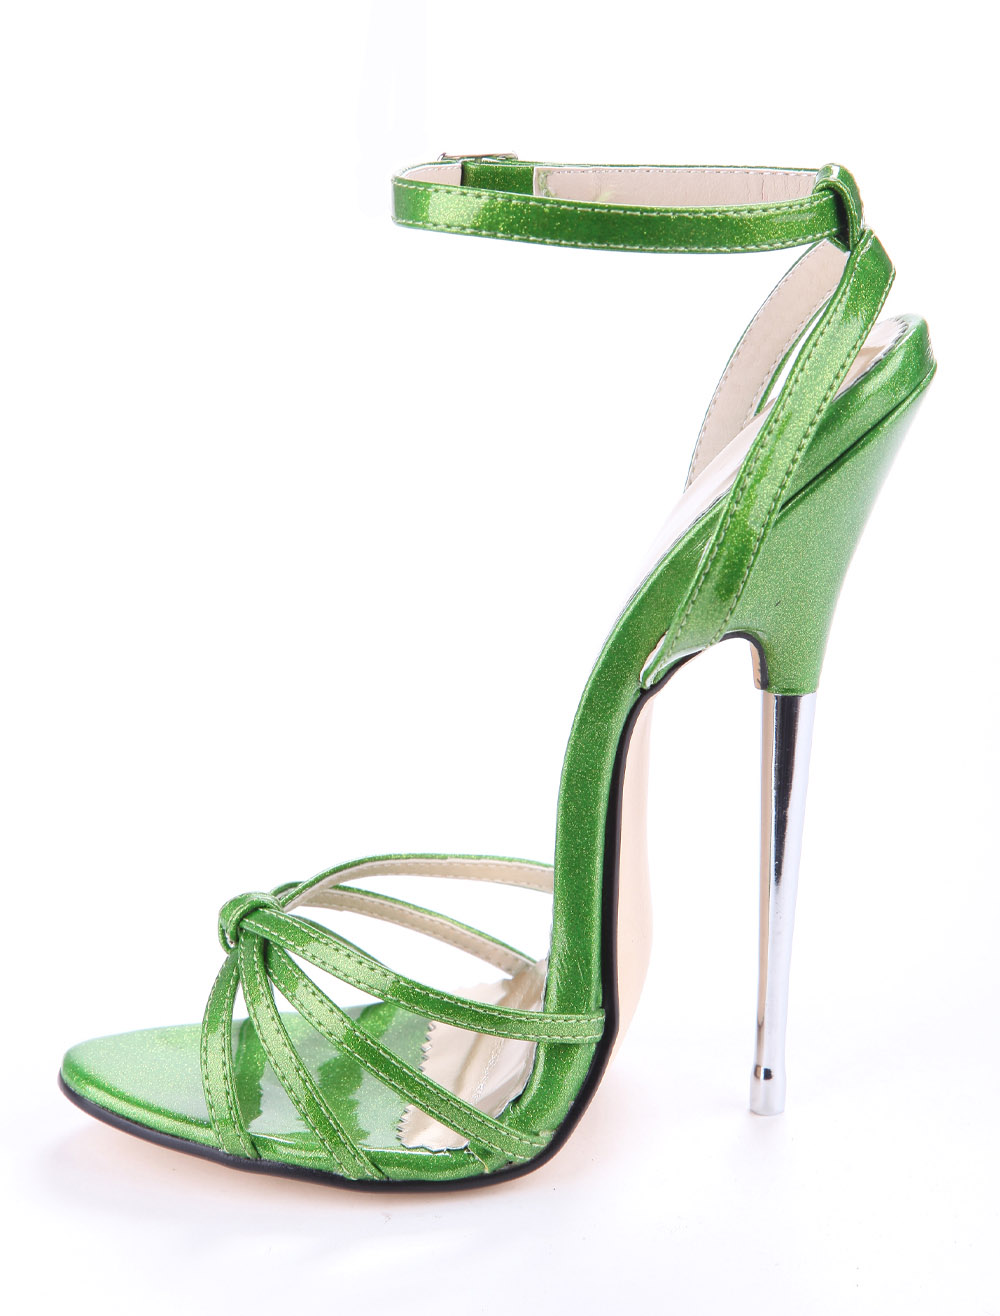 绿色凉鞋 2017新款性感  16cm绿色金属跟尖头细跟大码超高跟 走秀女凉鞋_推荐淘宝好看的绿色凉鞋